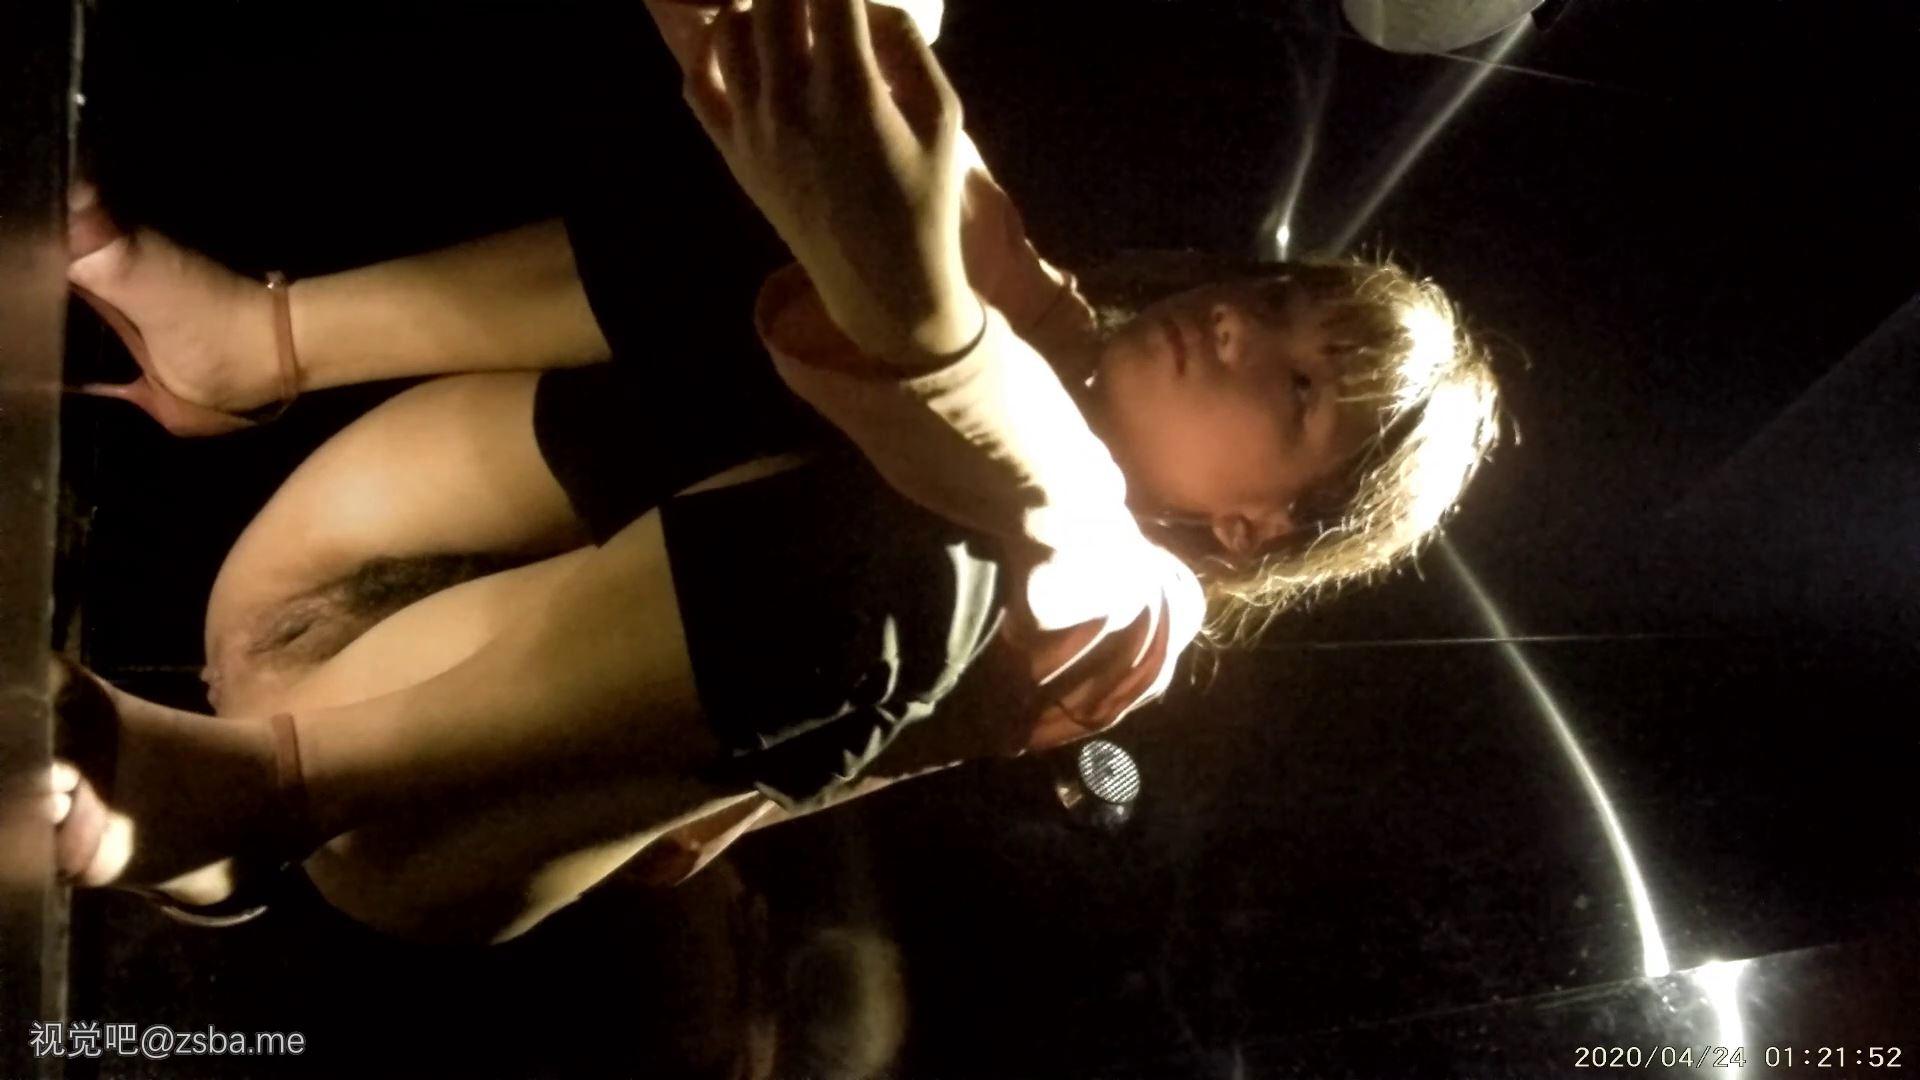 视觉吧@坑神见貌起意潜入某酒吧女卫生间定点偷拍夜生活的年轻气质美女[533MB]插图7